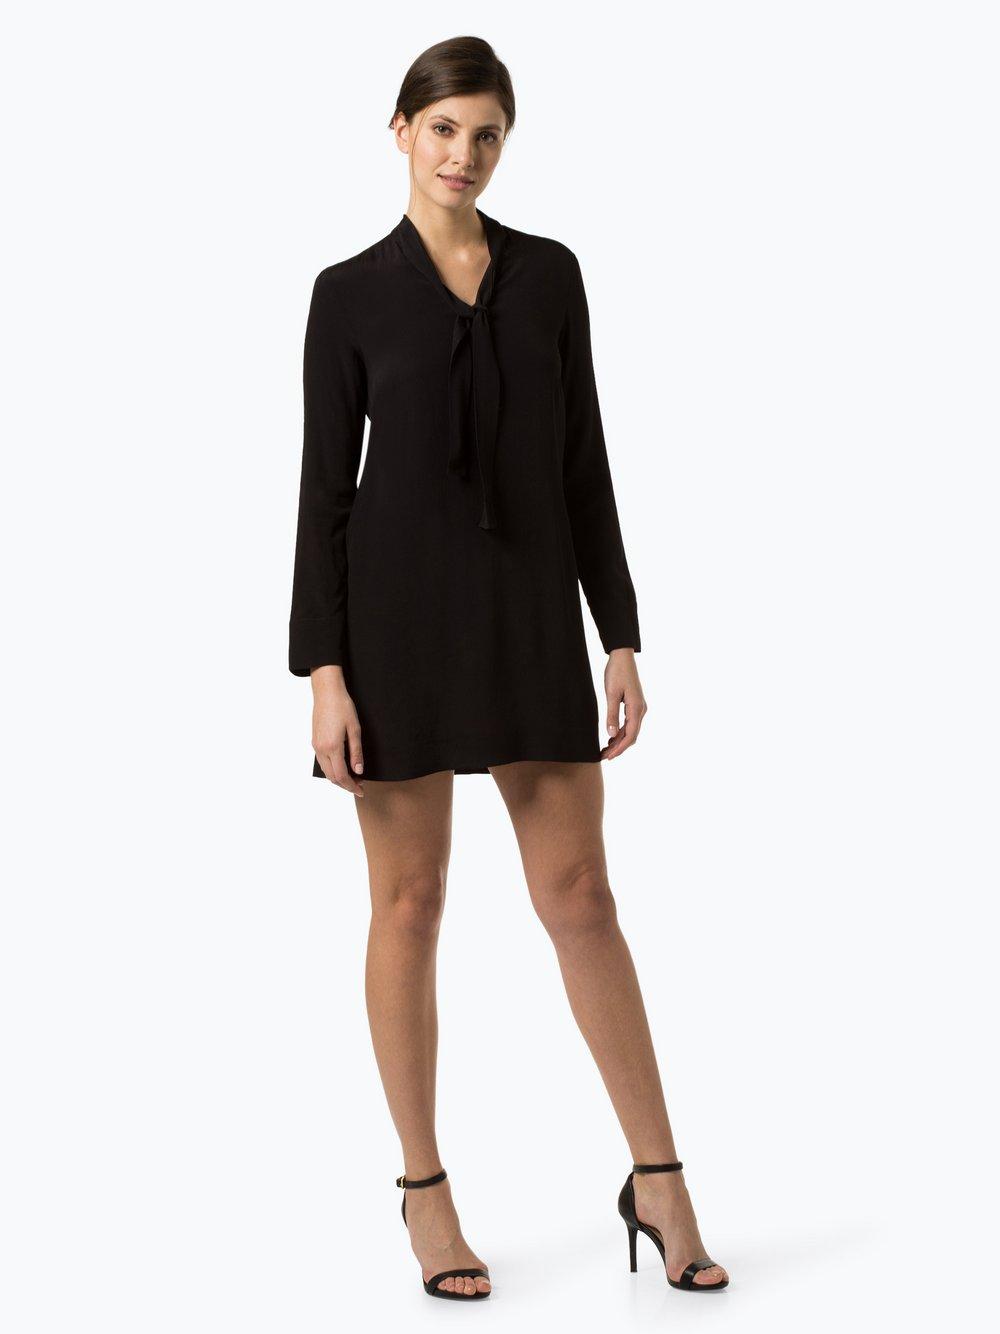 e011d4ba19a5e8 Opus Damen Kleid - Fulrike online kaufen